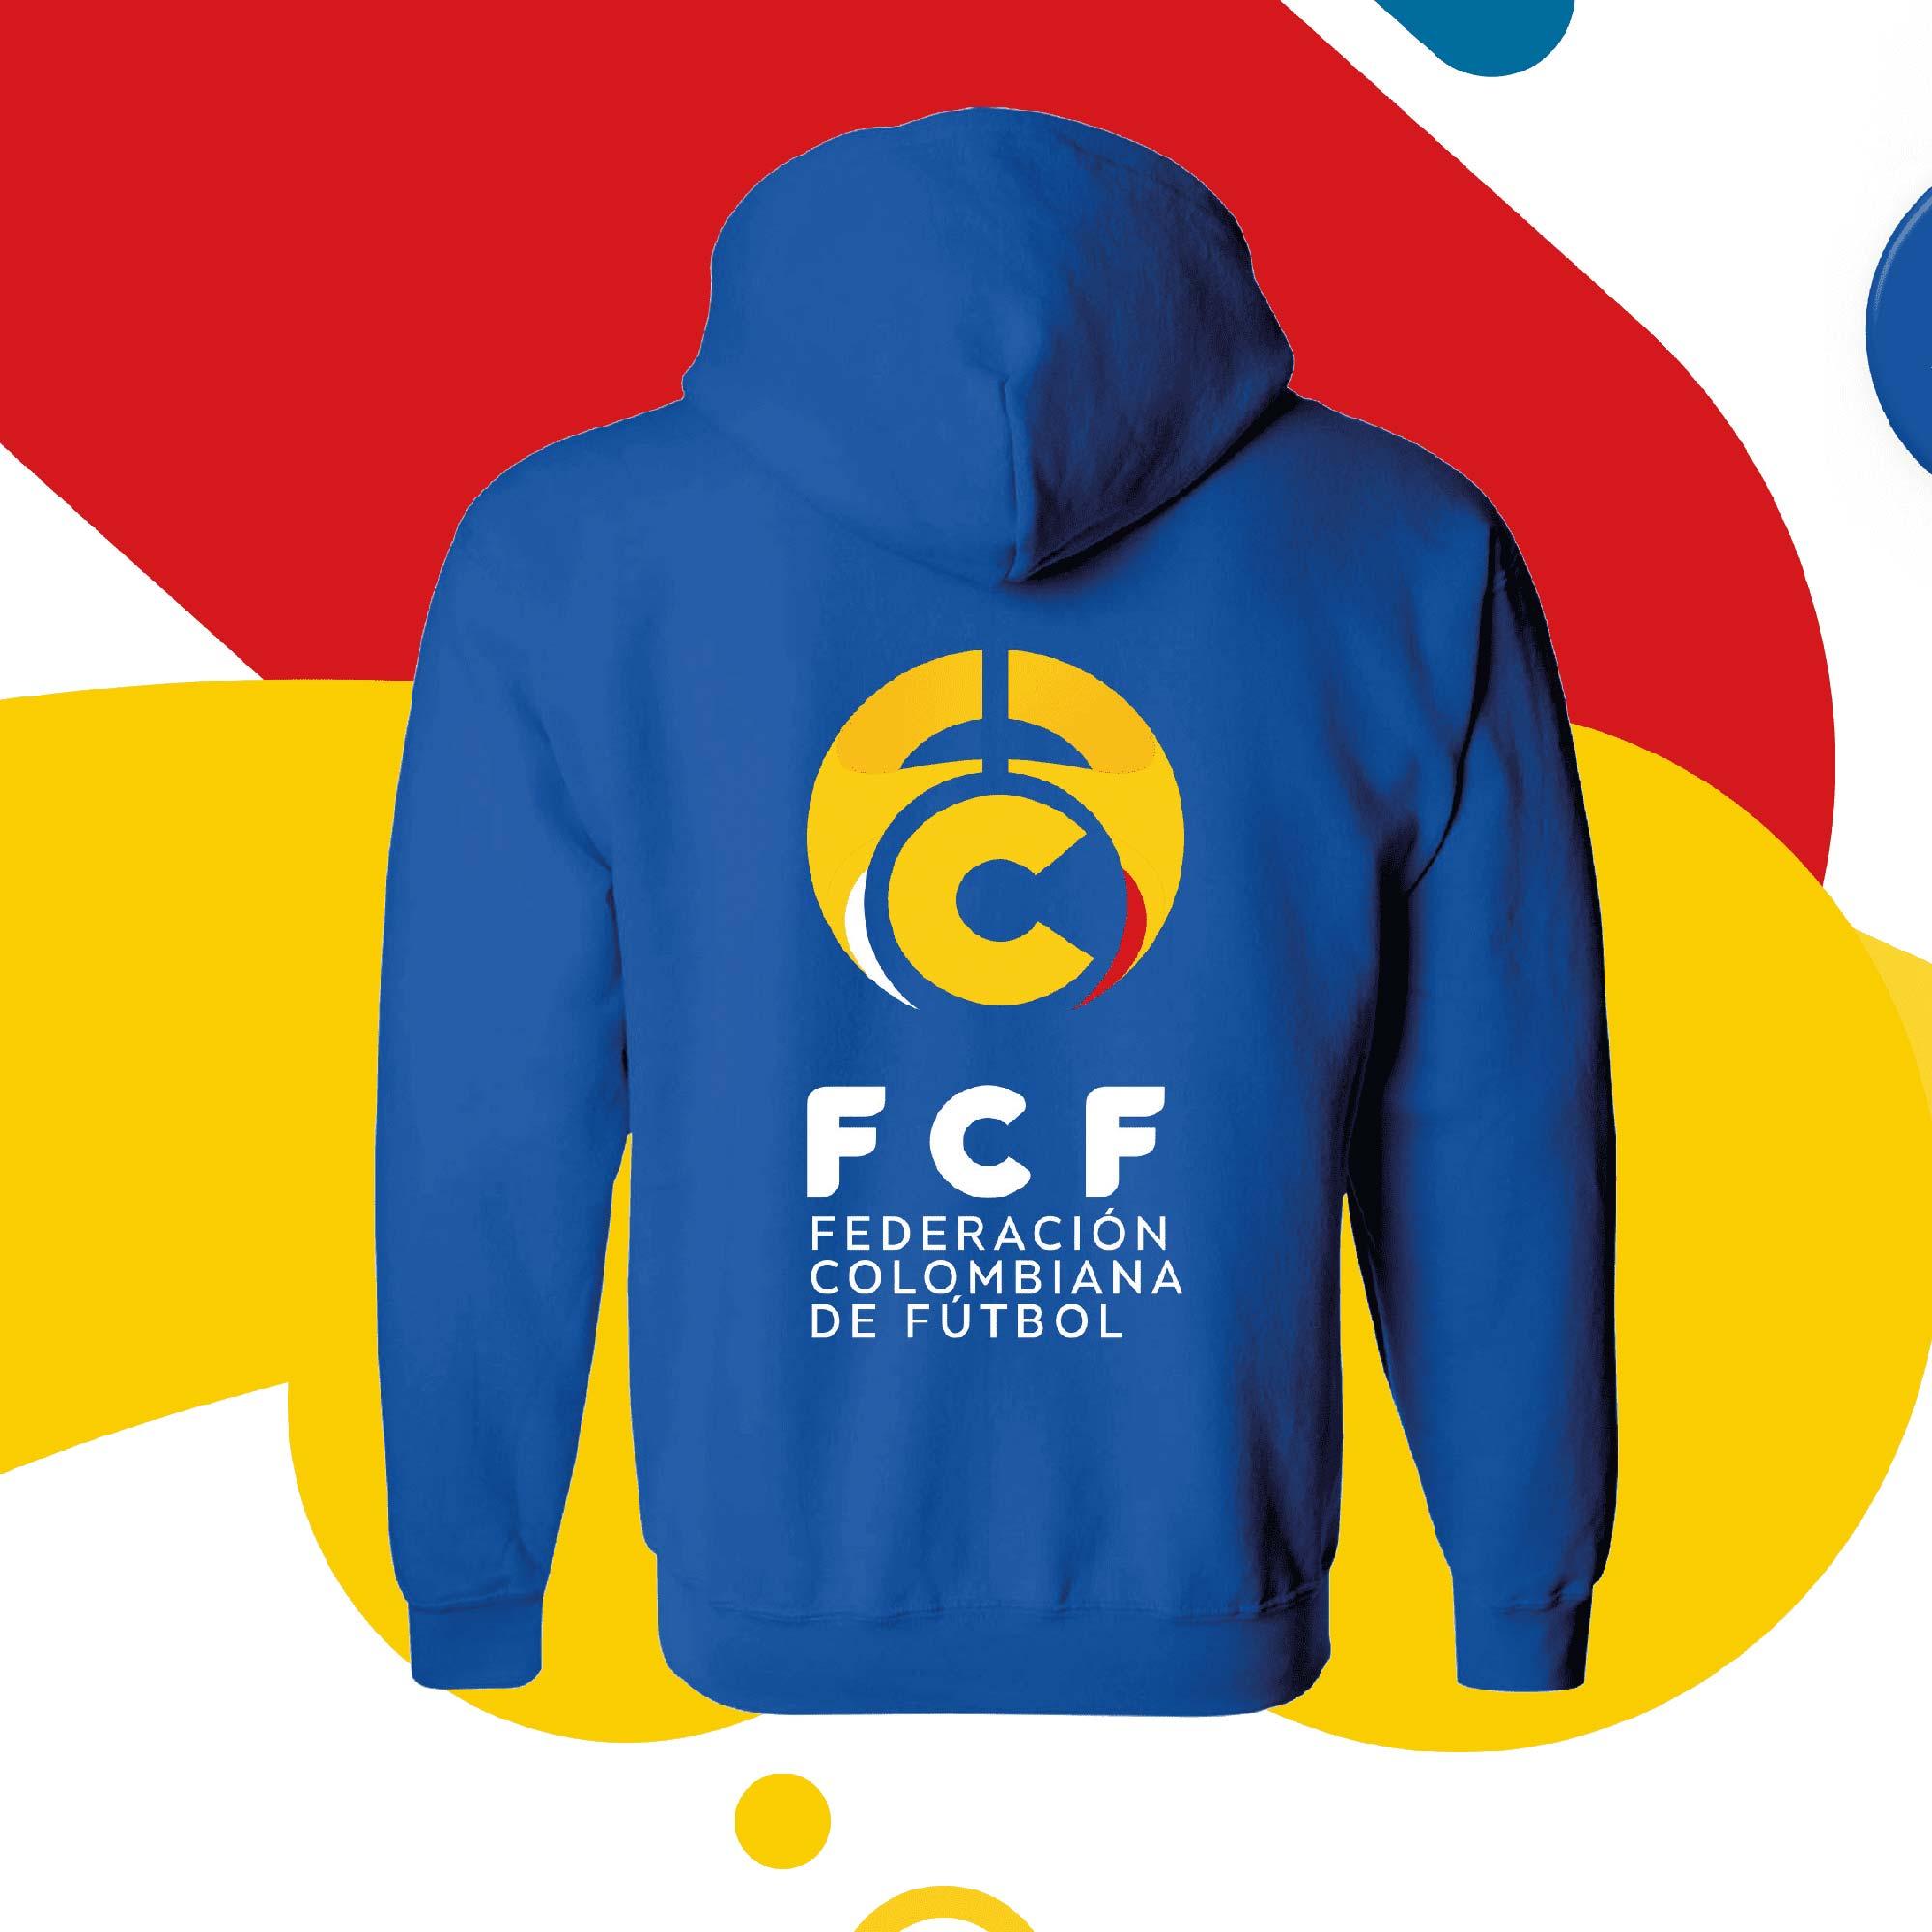 BRANDING-FEDERACION-DE-FURBOL-FCF-03